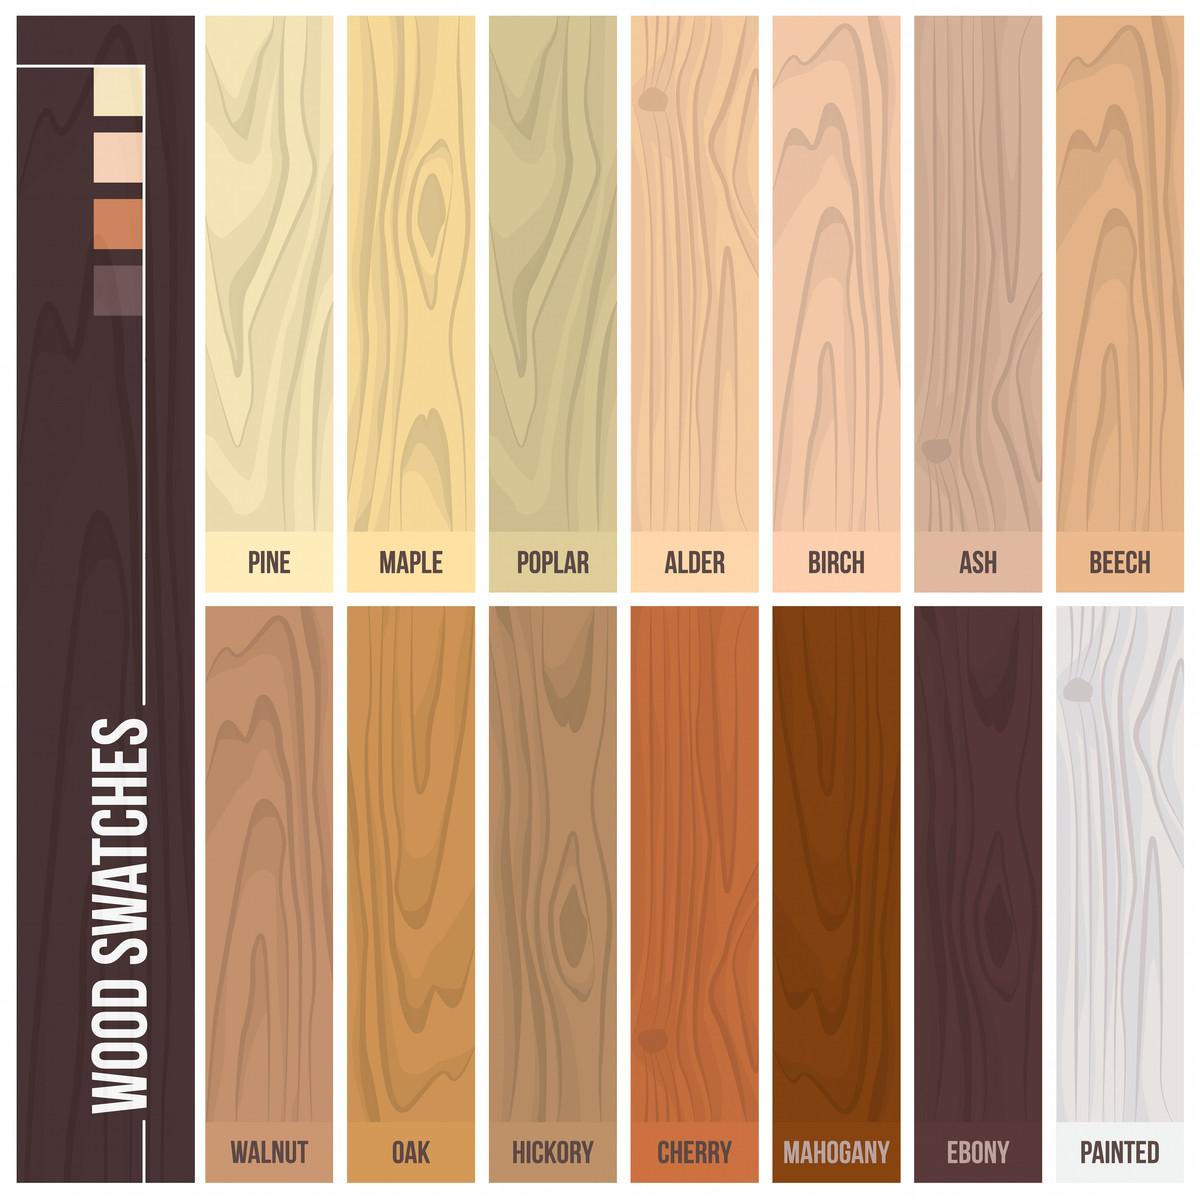 glue down hardwood flooring cost of 12 types of hardwood flooring species styles edging dimensions inside types of hardwood flooring illustrated guide